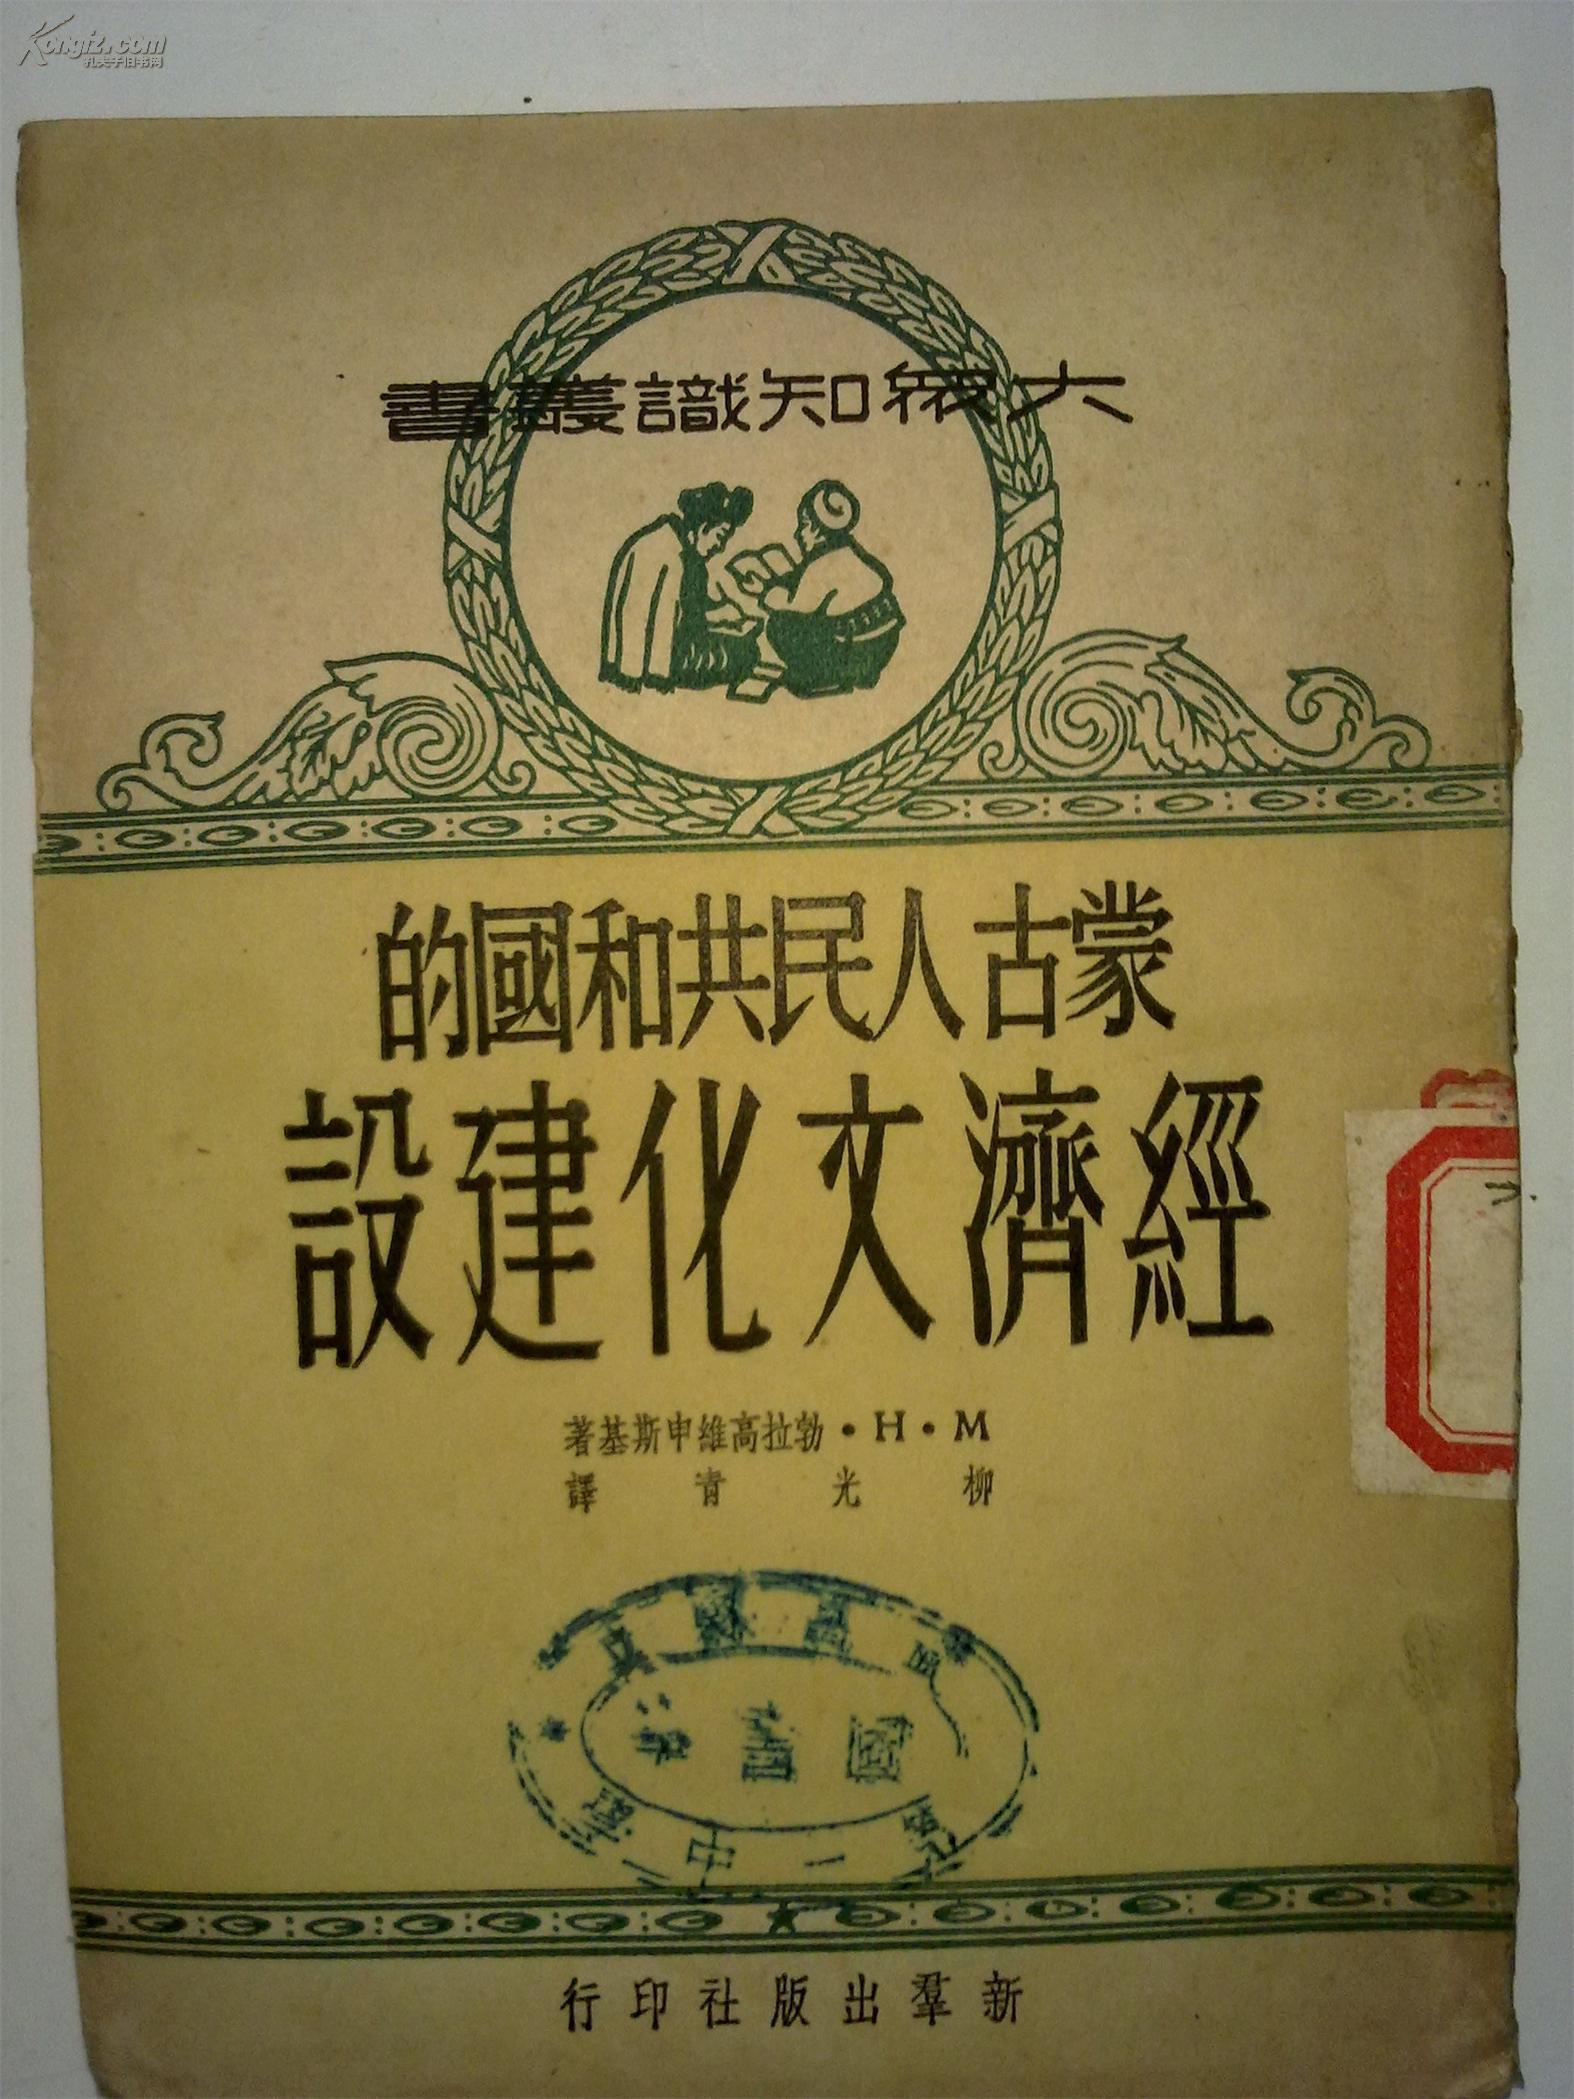 蒙古人民共和国的经济文化建设